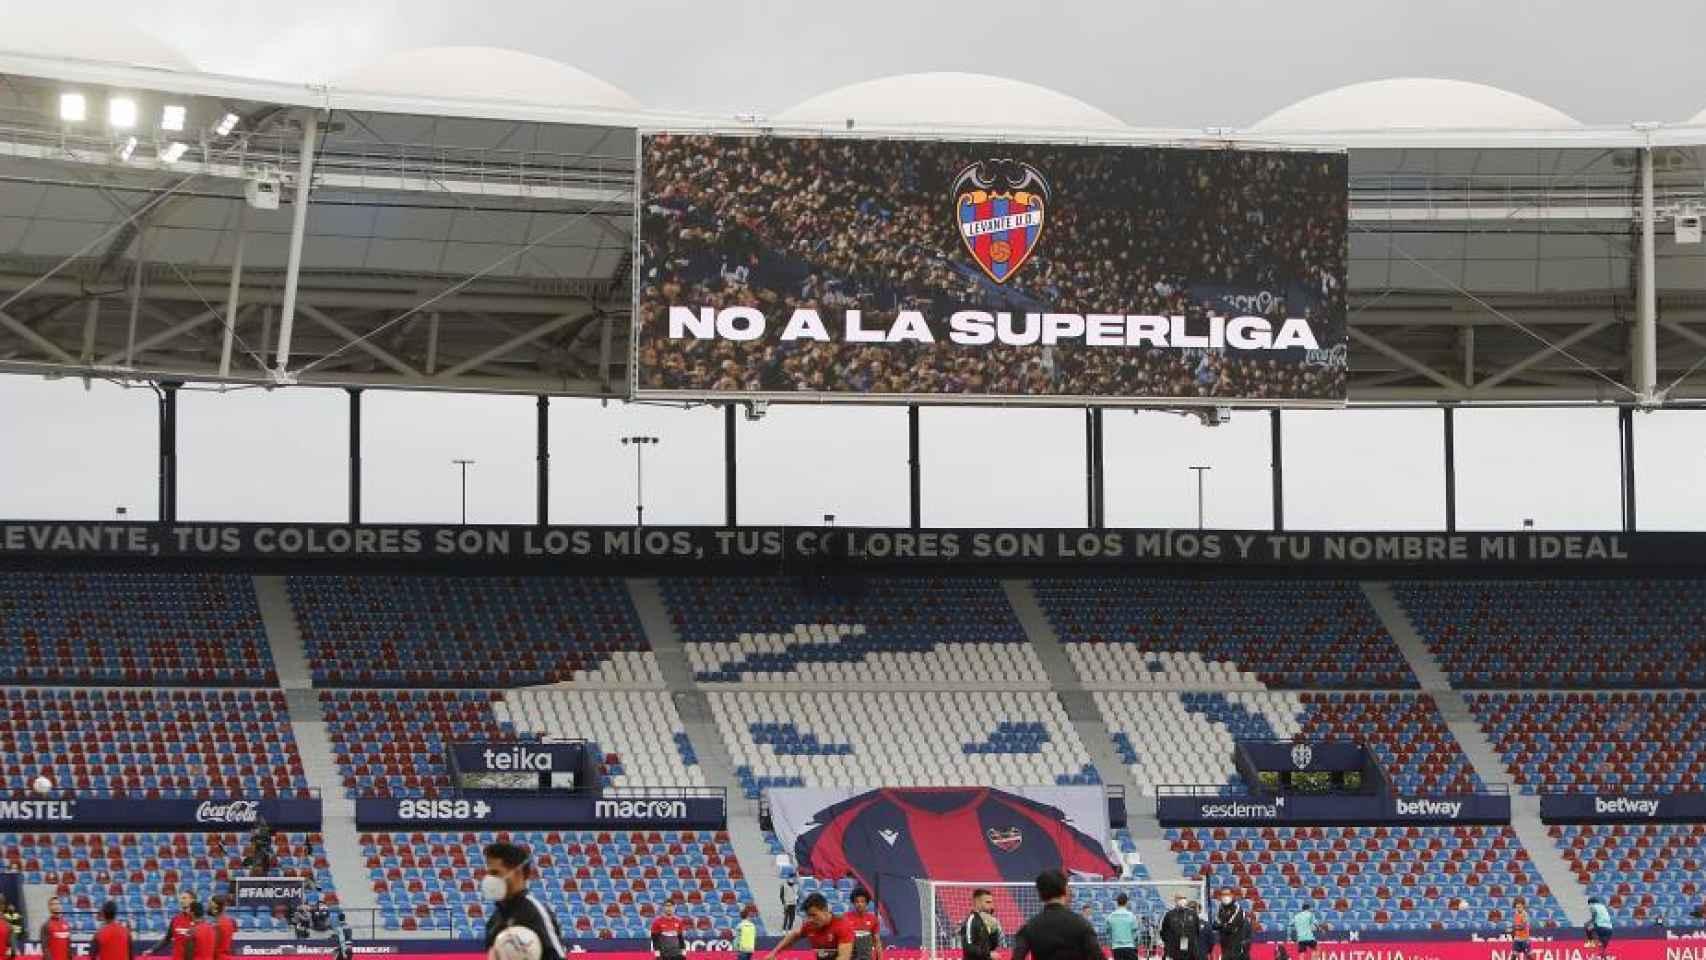 Mensaje contra la Superliga en el campo del Levante, el Ciudad de Valencia